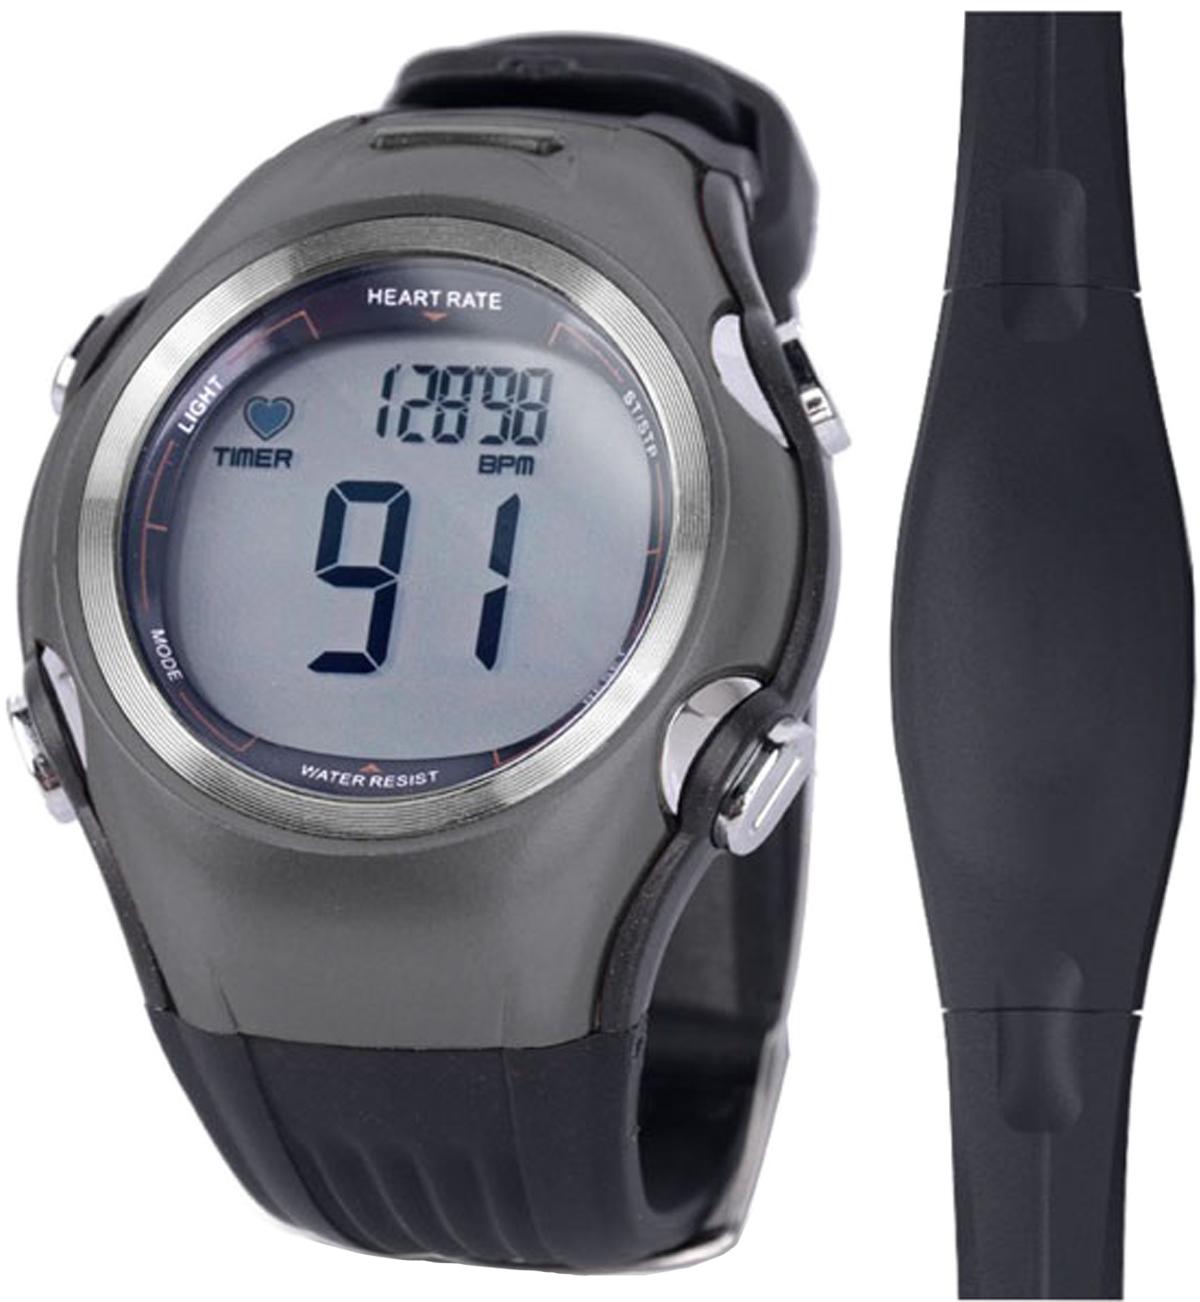 Часы спортивные iSport W117, с пульсометром, цвет: серыйISW117_greyСпортивные часы iSport W117 - для первых шагов в тренировках. Эти современные фитнес-часы с пульсометром помогут поддержать хорошую физическую форму и здоровую работу сердца.1. Аналоговый передатчик (5.3K).2. Выбор из 3 зон частоты пульса.3. Мониторинг ЧСС: -верхняя и нижняя зоны частоты сердечных сокращений,-уведомление при выходе из заданной зоны,-средняя и максимальная частота сердечных сокращений, % от макс. частоты сердцебиения.4. Настраиваемые данные (возраст, пол, вес, зона пульса, текущей уровень, верхний и нижний предел, уведомление при выходе из заданной зоны). 5. Данные тренировки, таймер.6. 1/100 Второй хронограф7. Водостойкий, подсветка (3 сек). 8. Нагрудный пояс-передатчик в комплекте. 9. Отображение времени и даты.10. Счетчик калорий.Материал: ABS, PU ремешок.Размер трекера: 5 x 4,4 см. Размер нагрудного пояса: 36 x 3см.Батарея: CR2032.